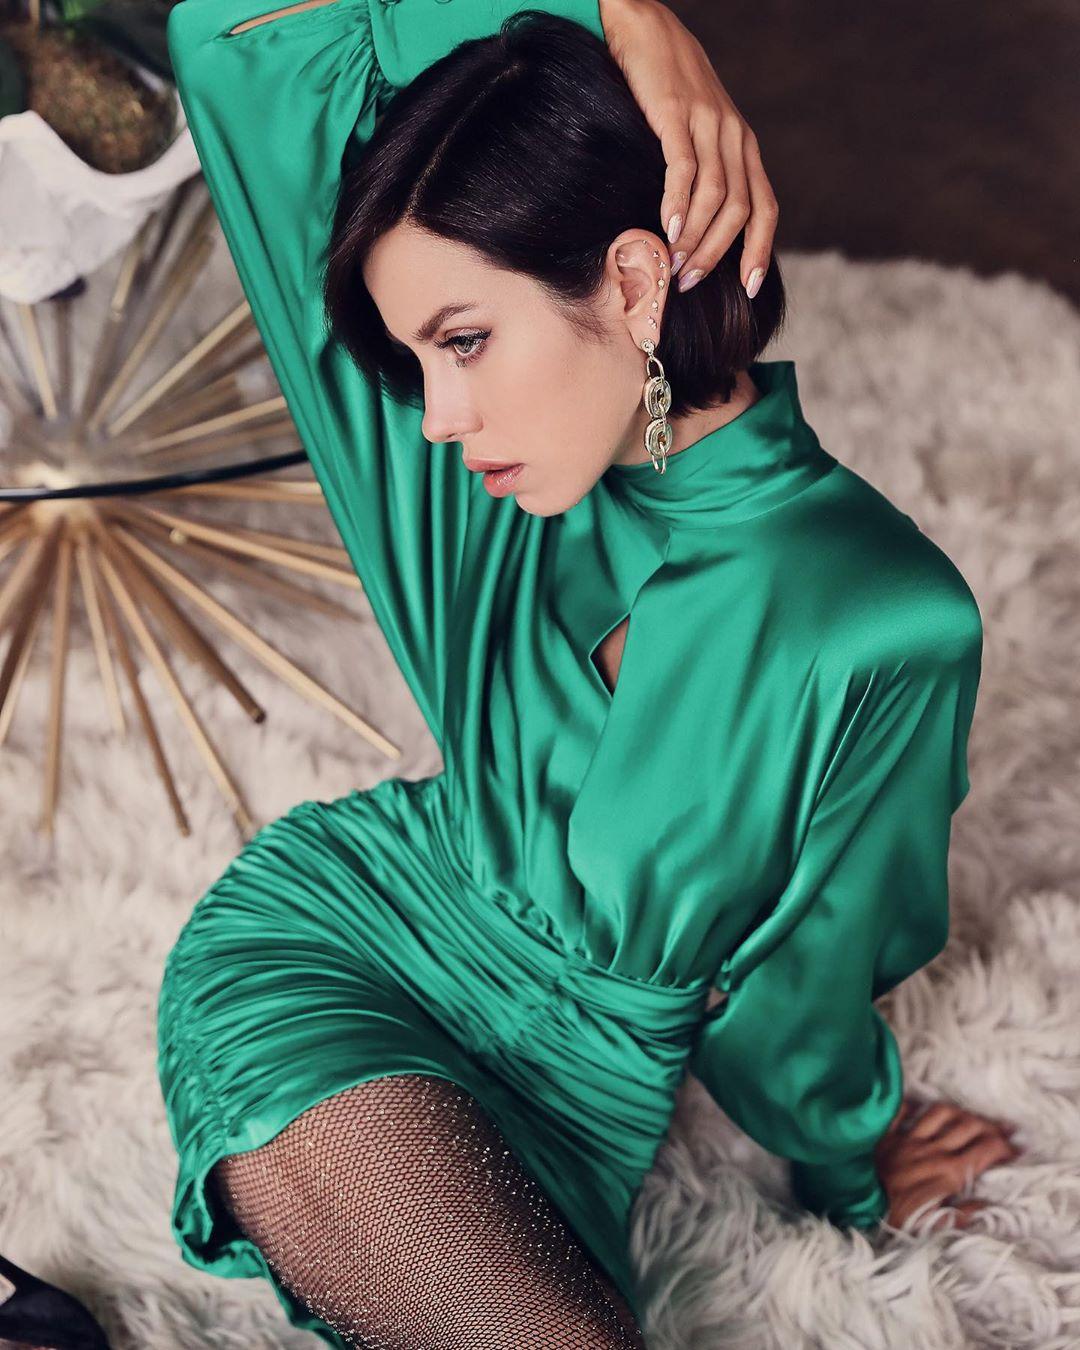 цельнокроеное платье фото 7